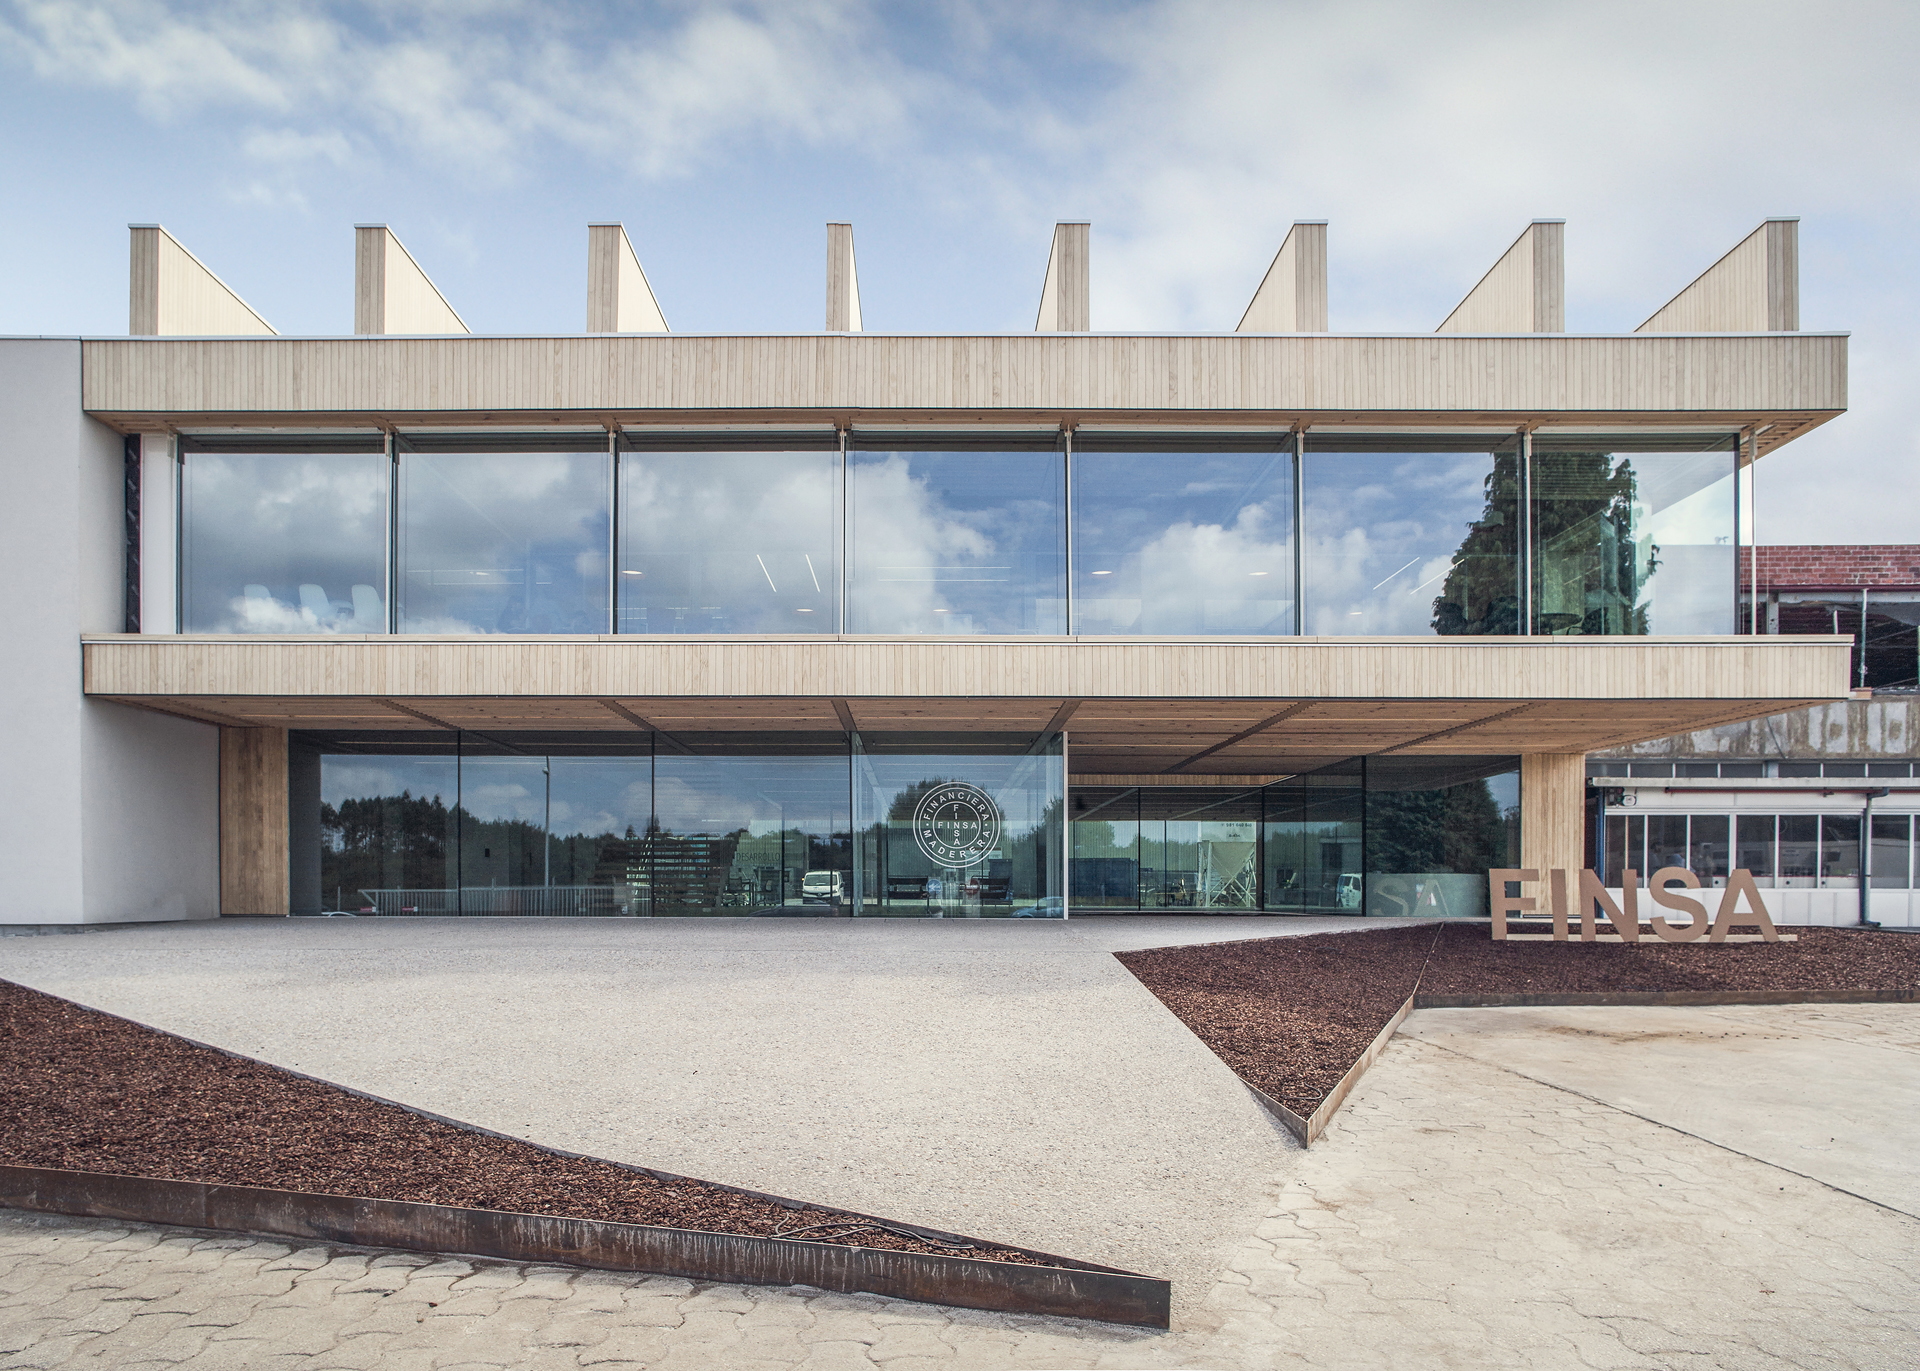 Nueva sede oficinas centrales finsa mrm arquitectos for Exterior oficinas